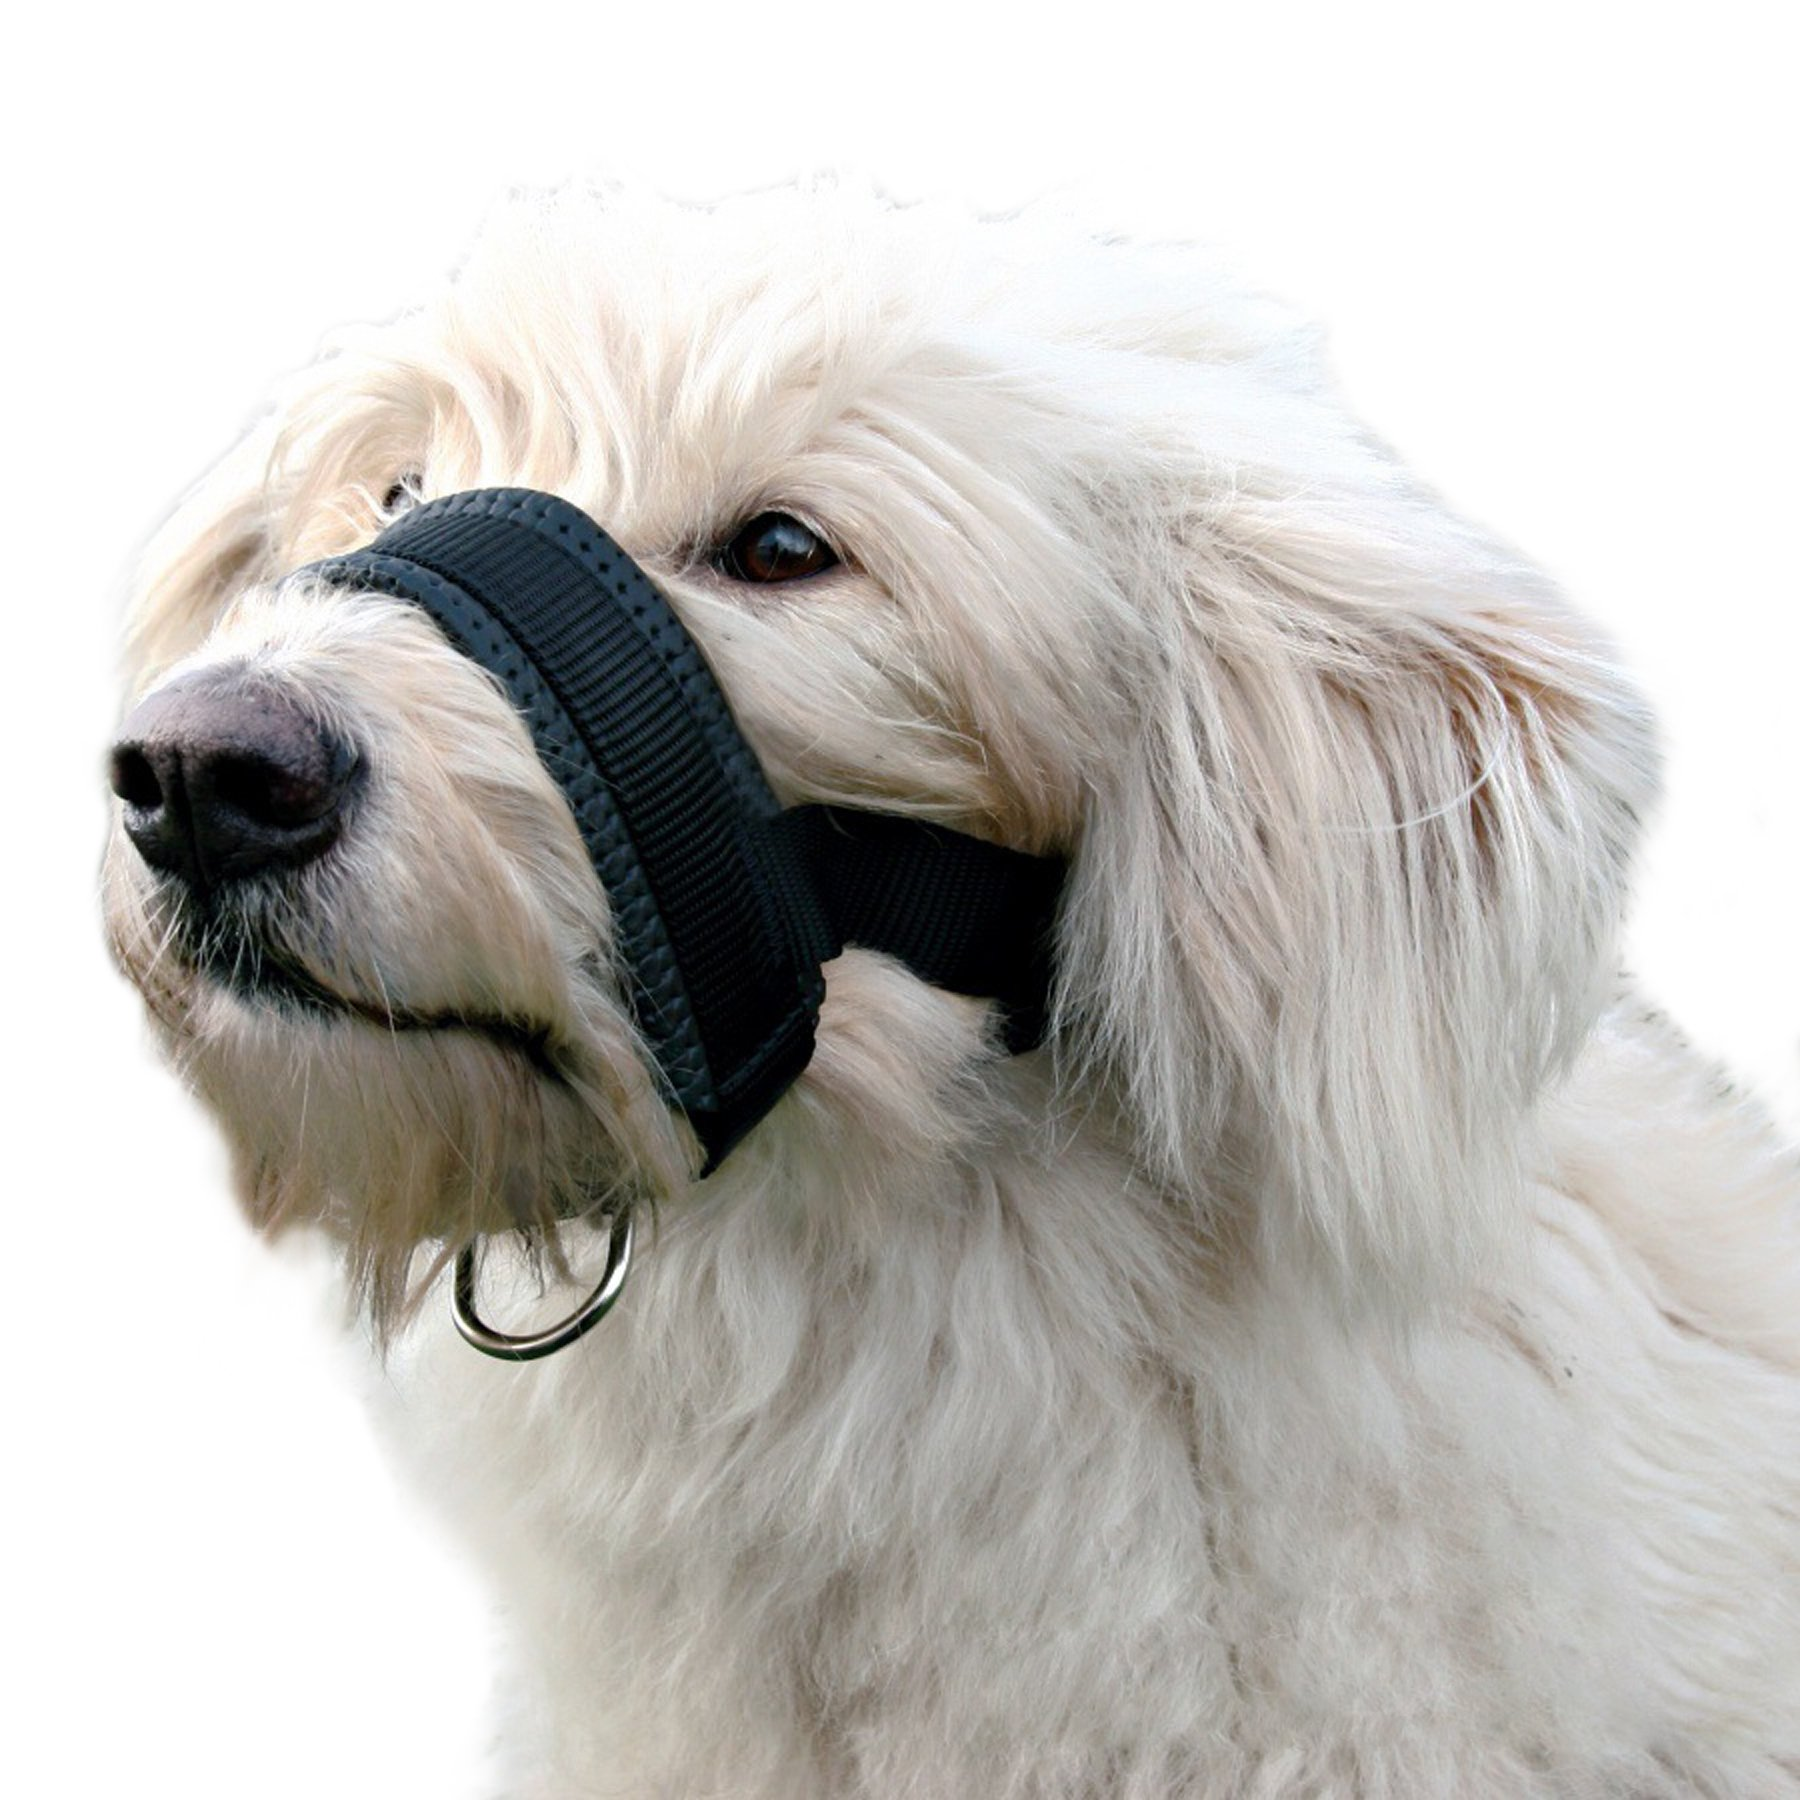 Alfie Pet by Petoga Couture - Jaimy Adjustable Quick Fit Nylon Muzzle - Color: Black, Size: XXL by Alfie (Image #1)